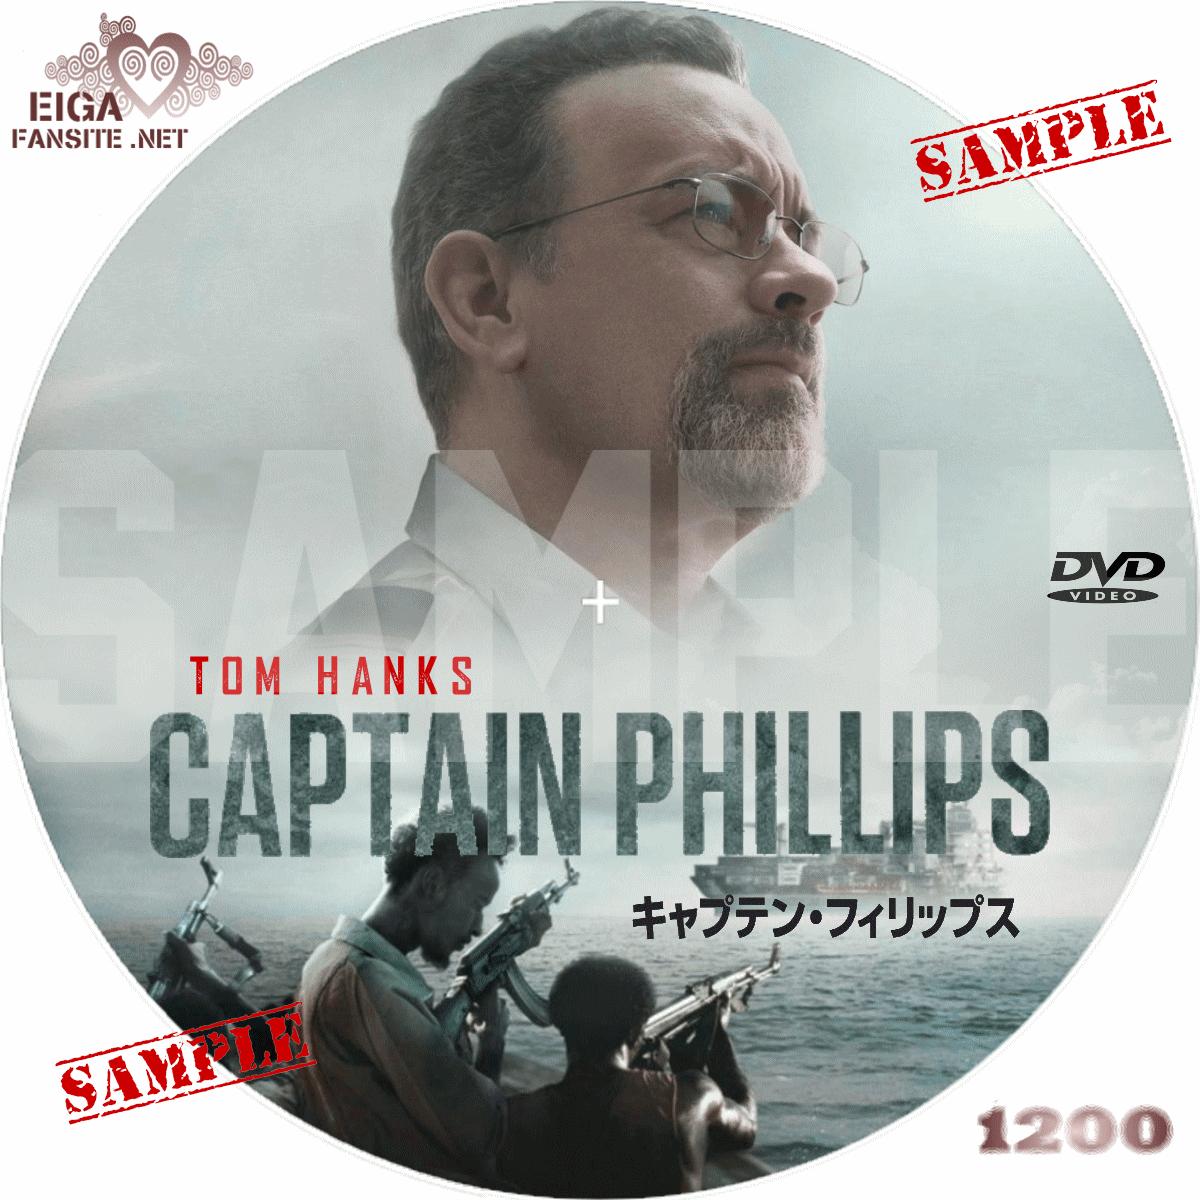 キャプテン フィリップス